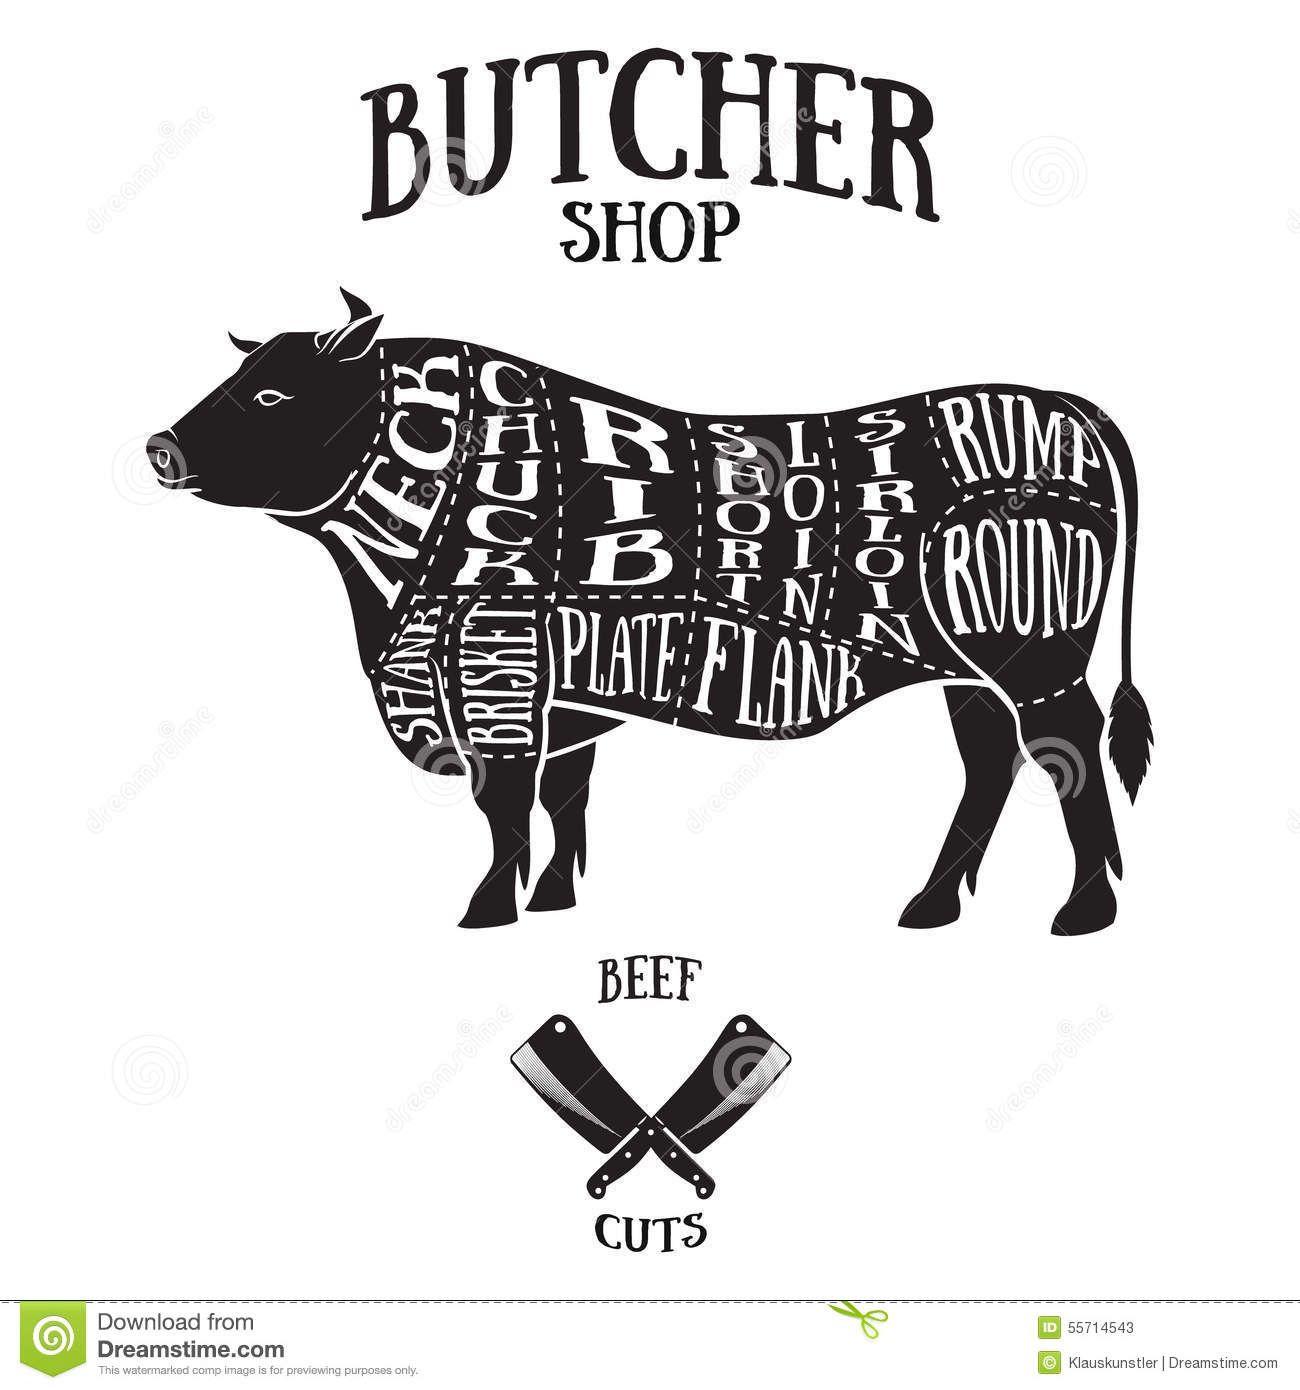 bull meat diagram wiring diagram locbull meat diagram wiring diagram expert bull meat diagram [ 1300 x 1390 Pixel ]